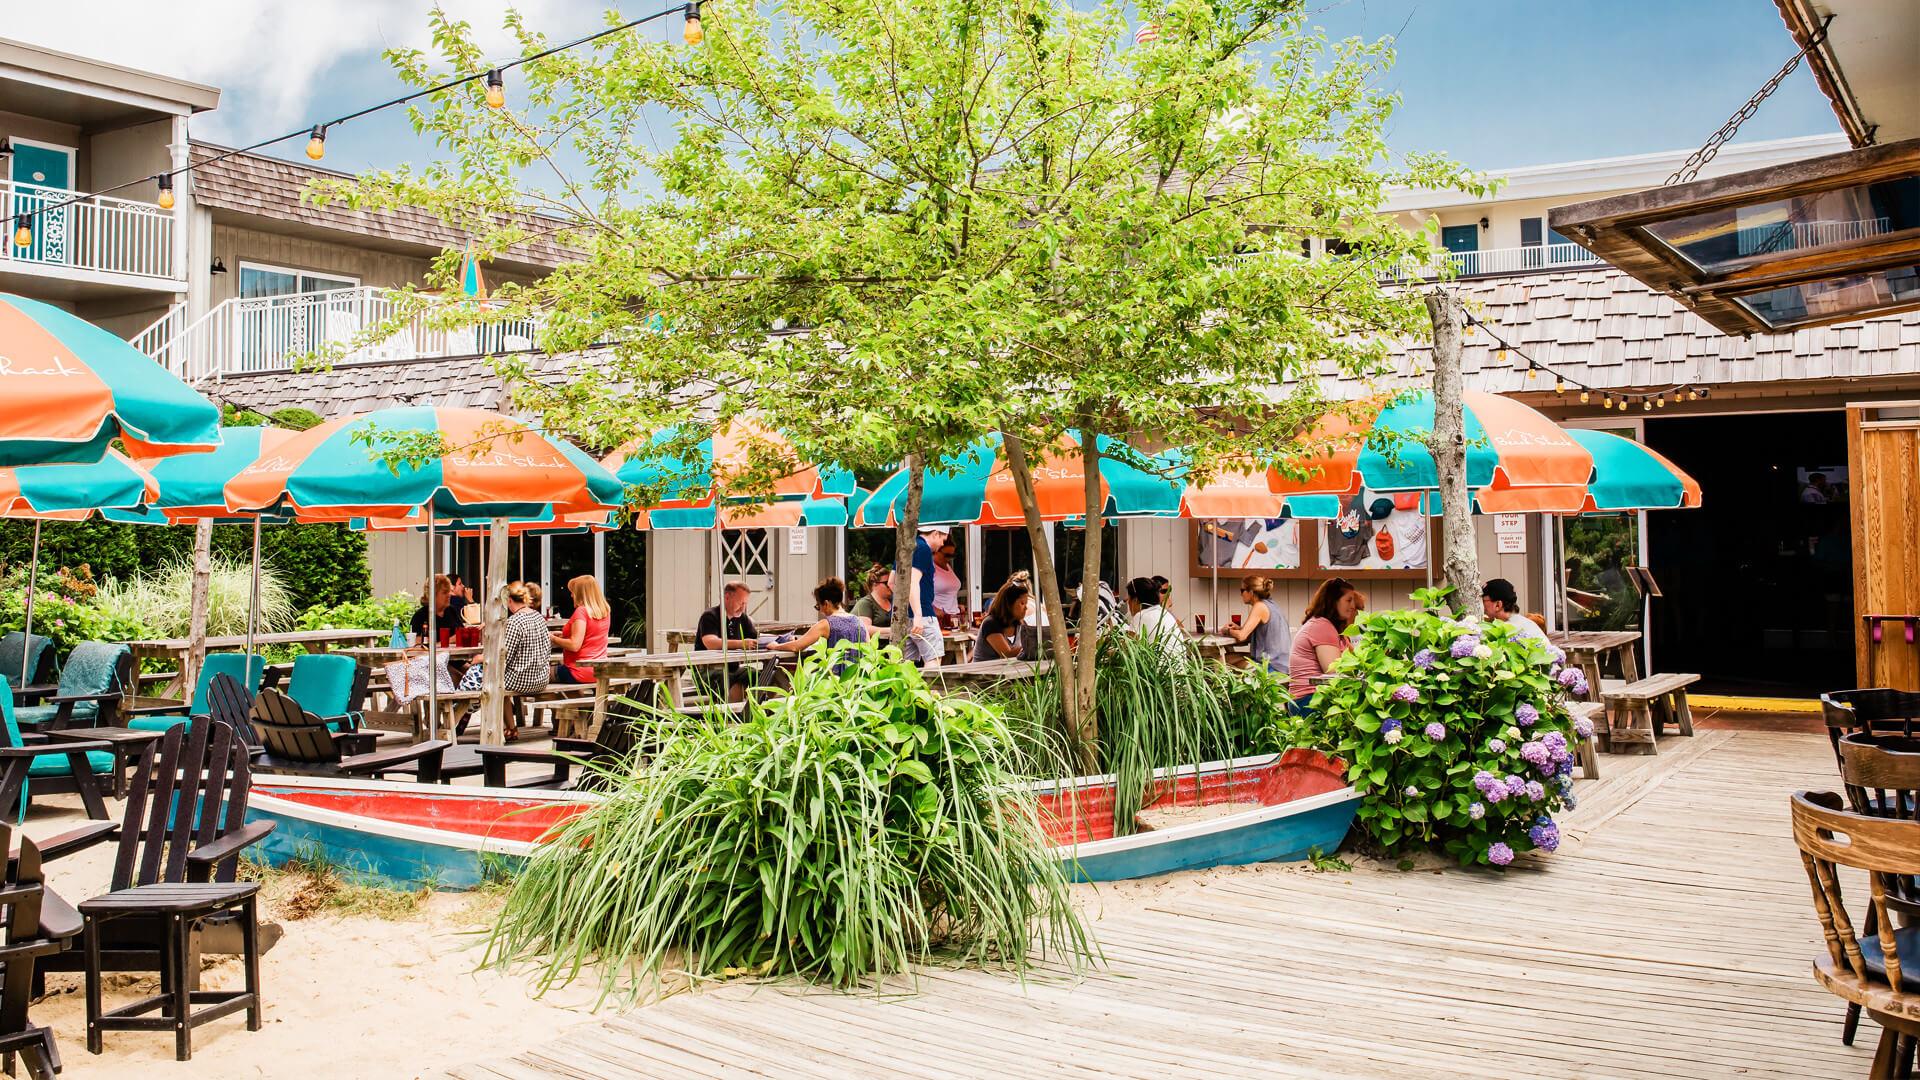 Rusty Nail Cape May Nj Restaurant At The Beach Shack Hotel